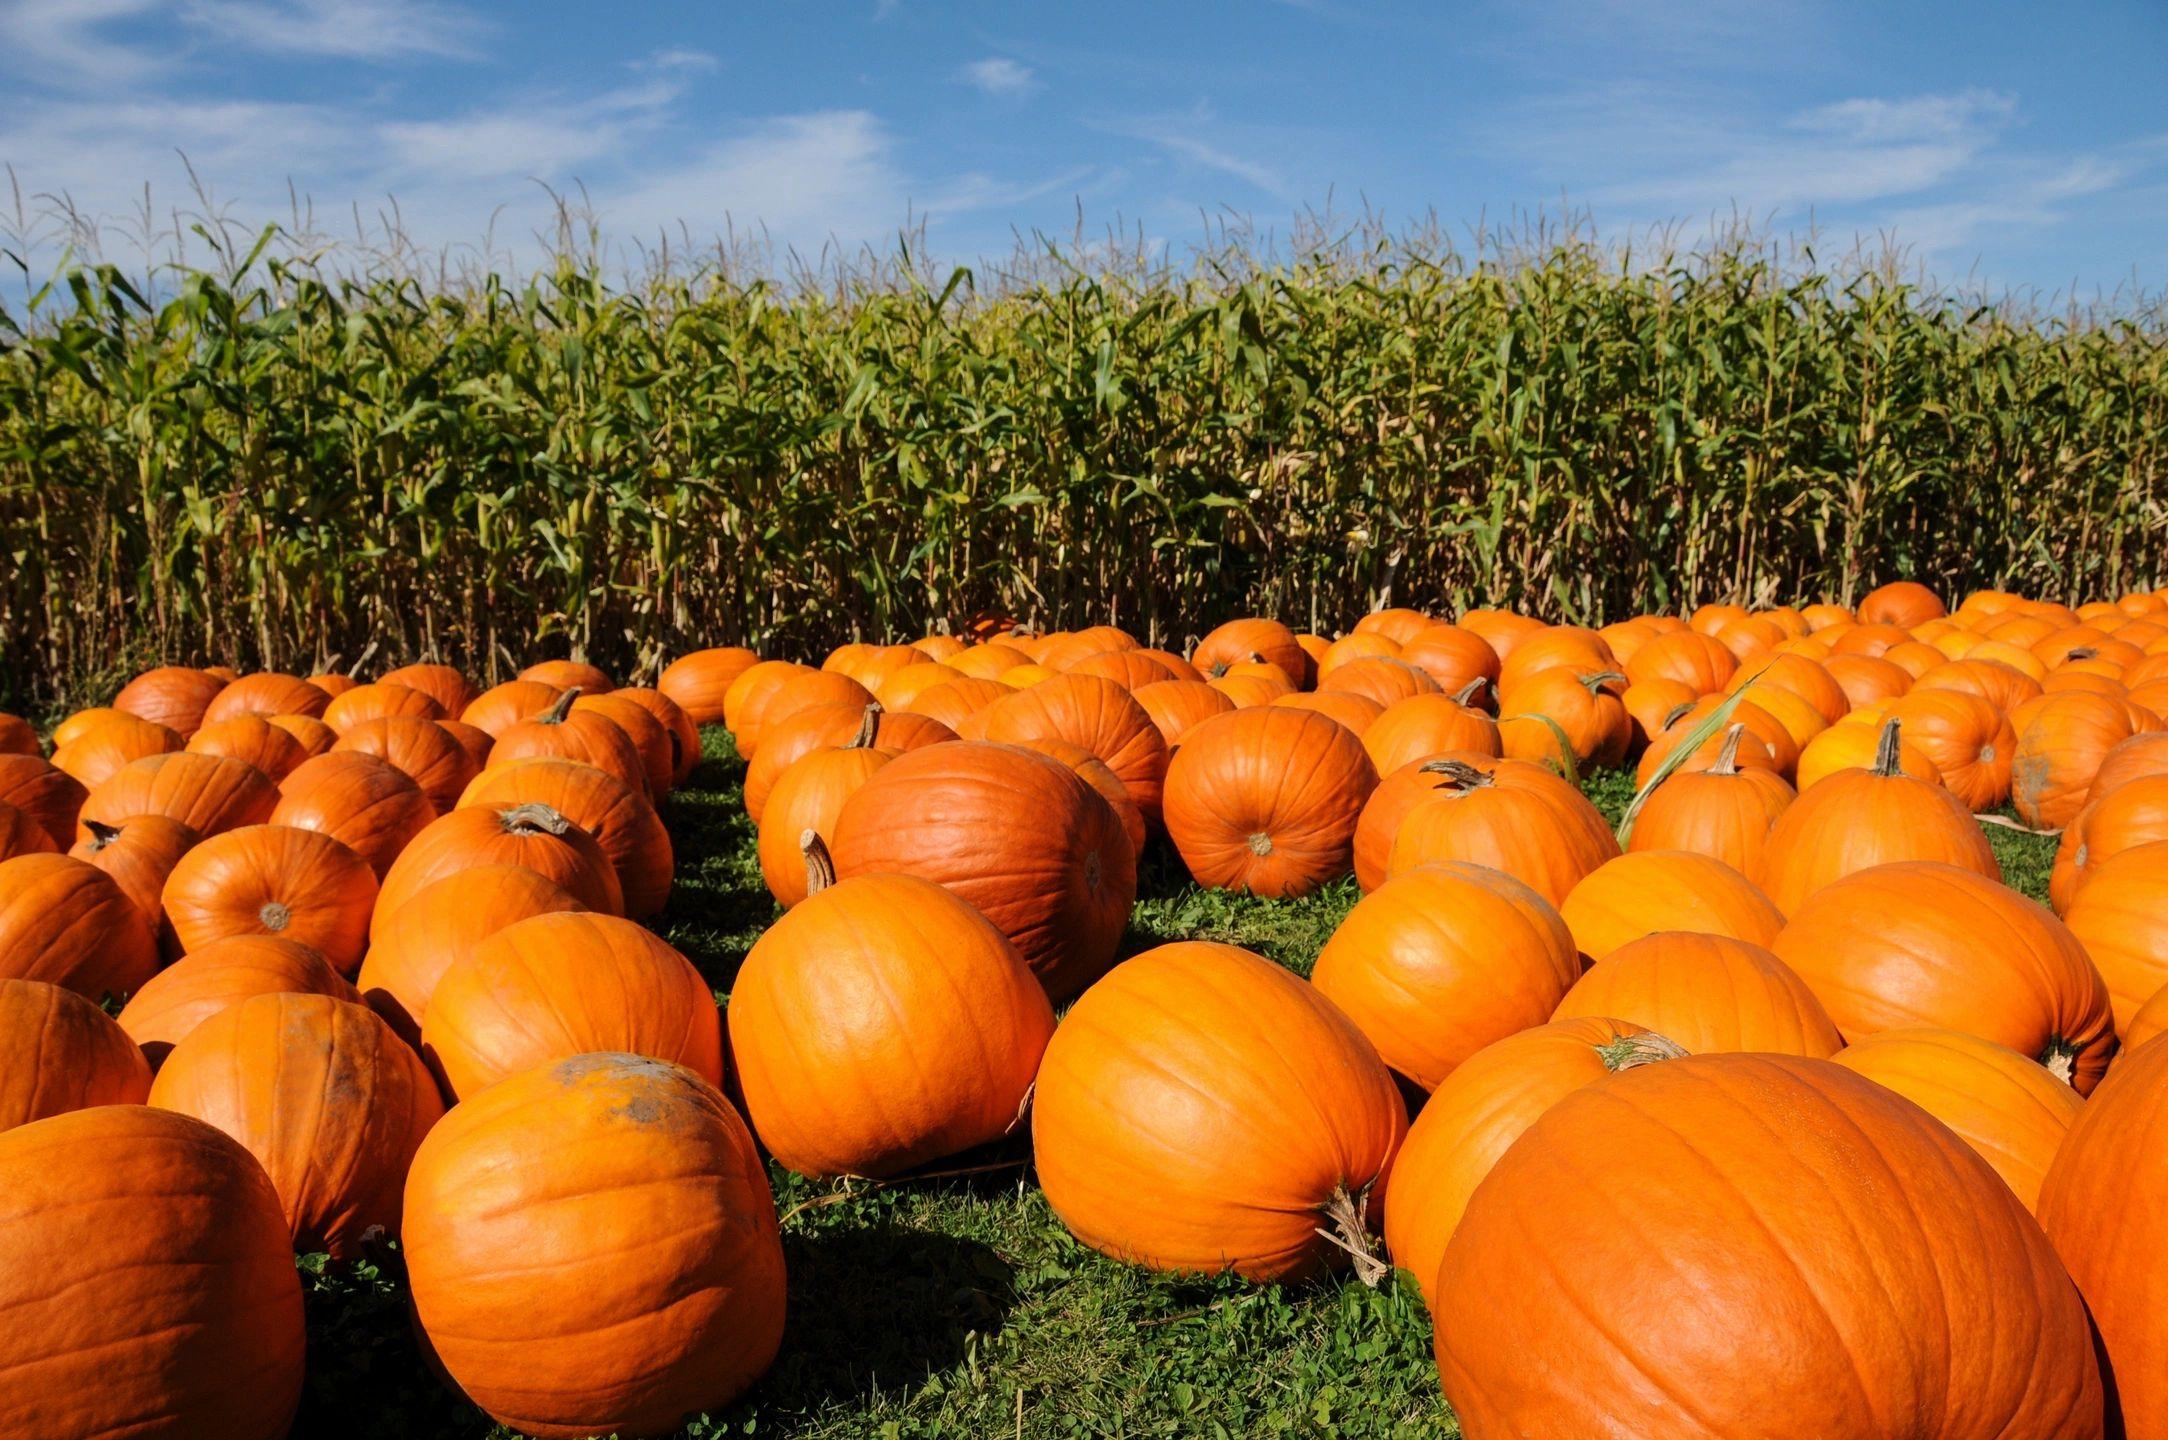 Would You Visit These Unique Pumpkin Patches?